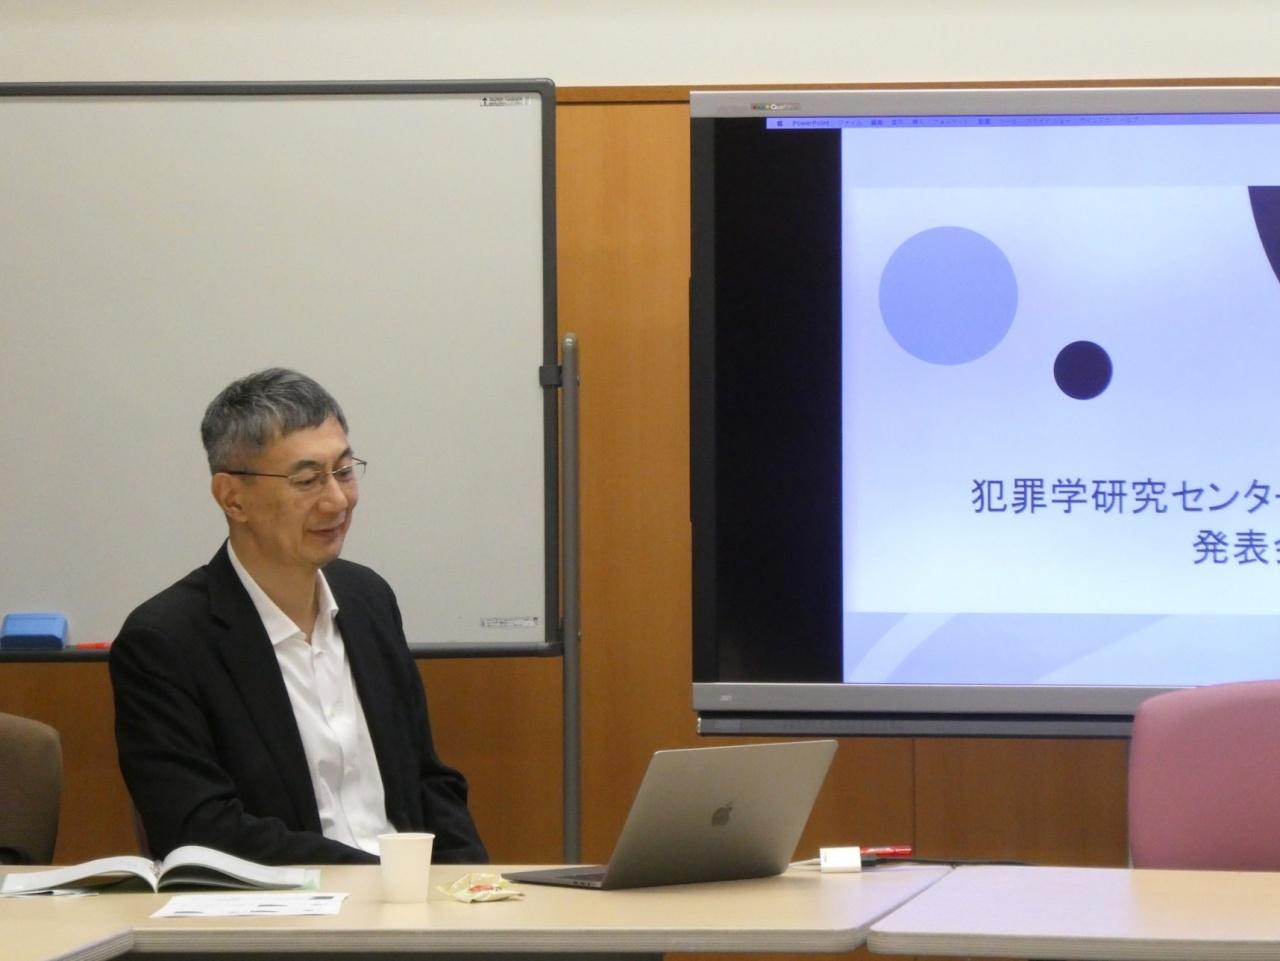 武田俊信教授(「司法心理学」ユニット長 / 文学部教授)